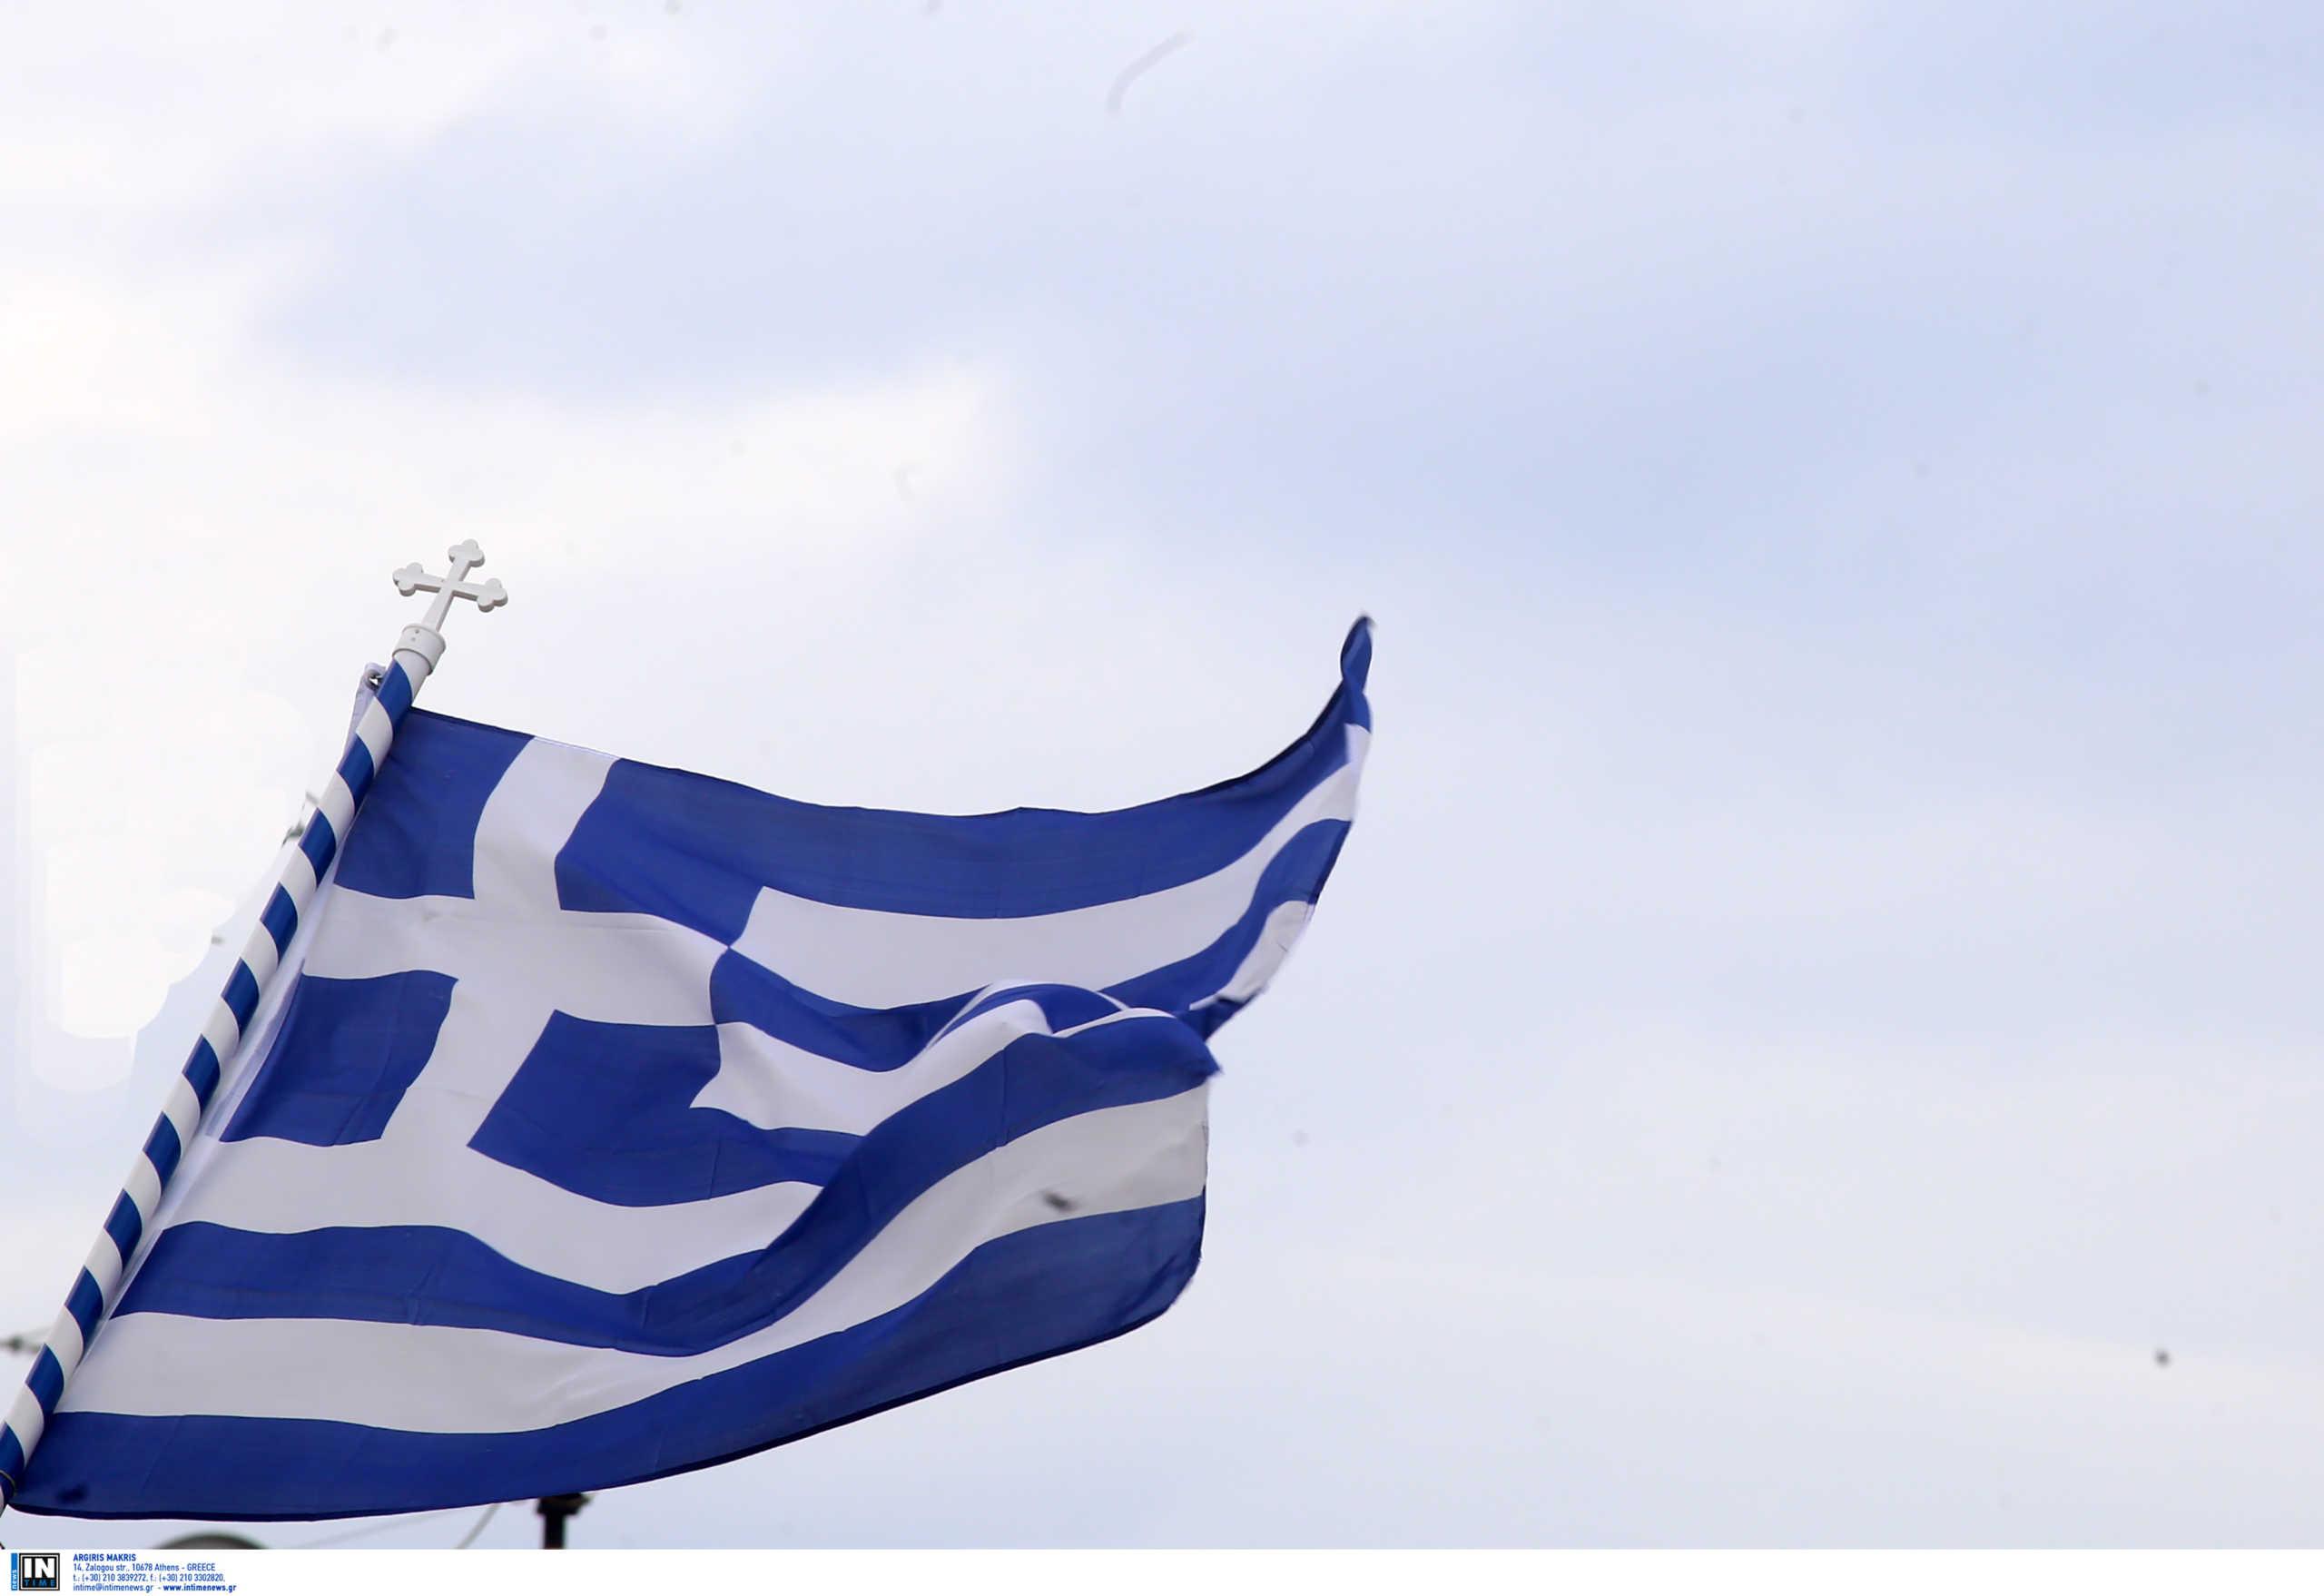 Χανιά: Η μεγάλη γιορτή για την συμπλήρωση 200 χρόνων από την έναρξη της ελληνικής επανάστασης